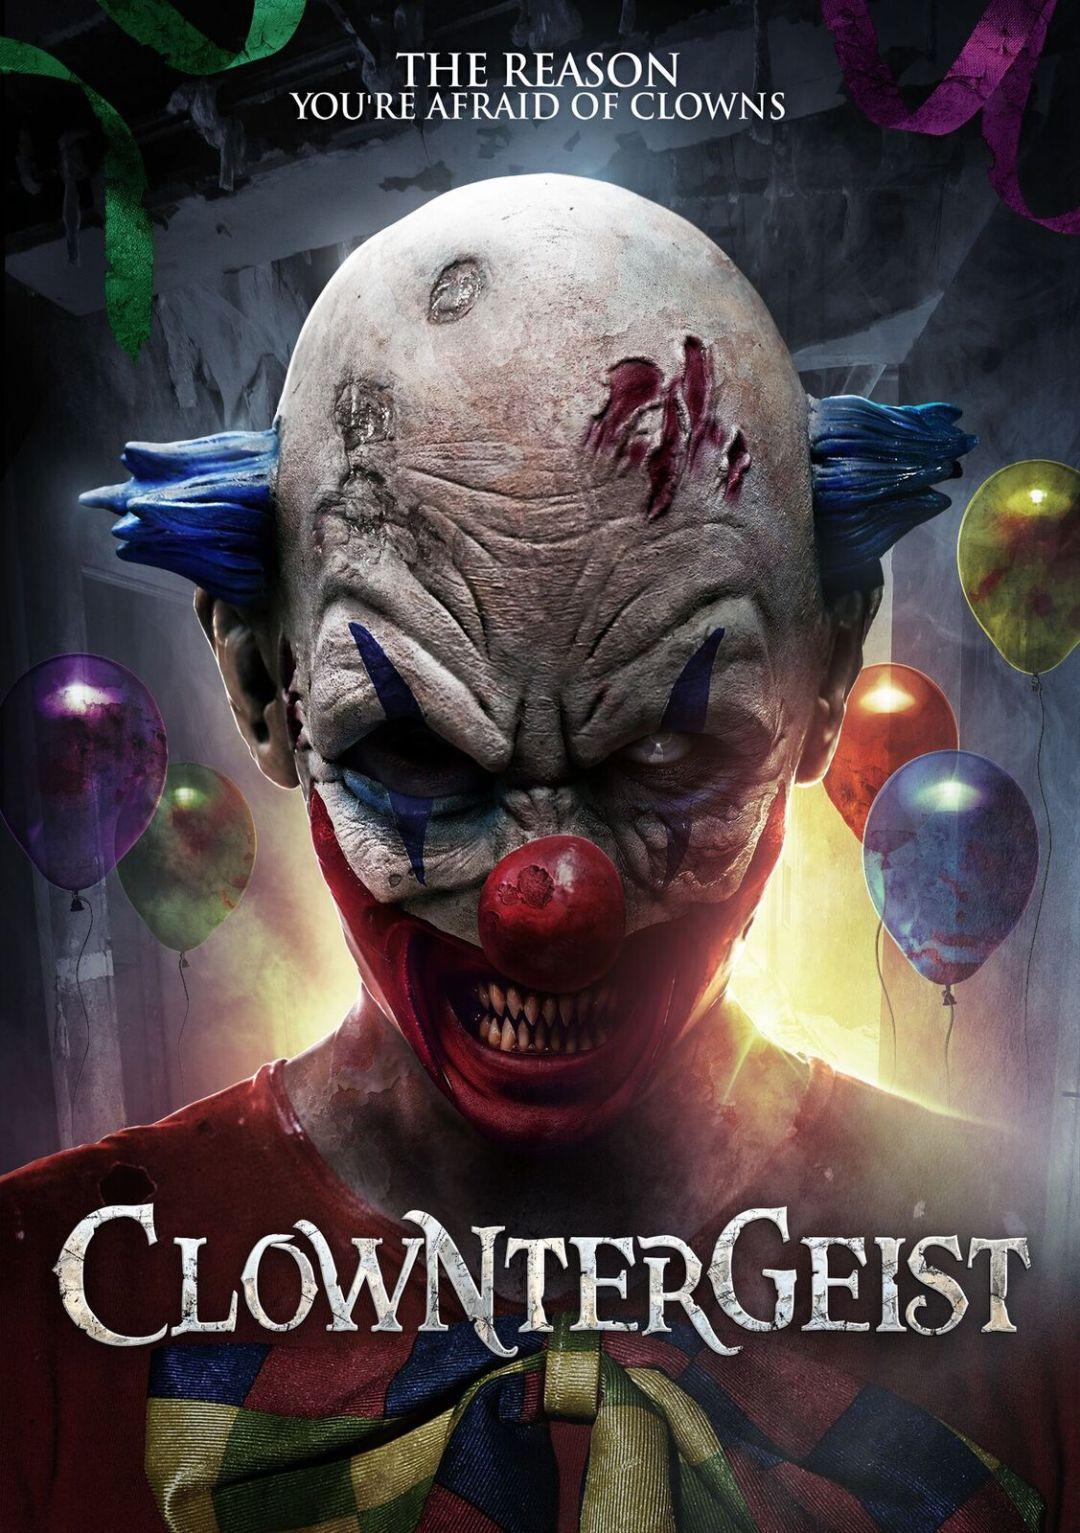 Poltergeist Meets IT in 'Clowntergeist!'